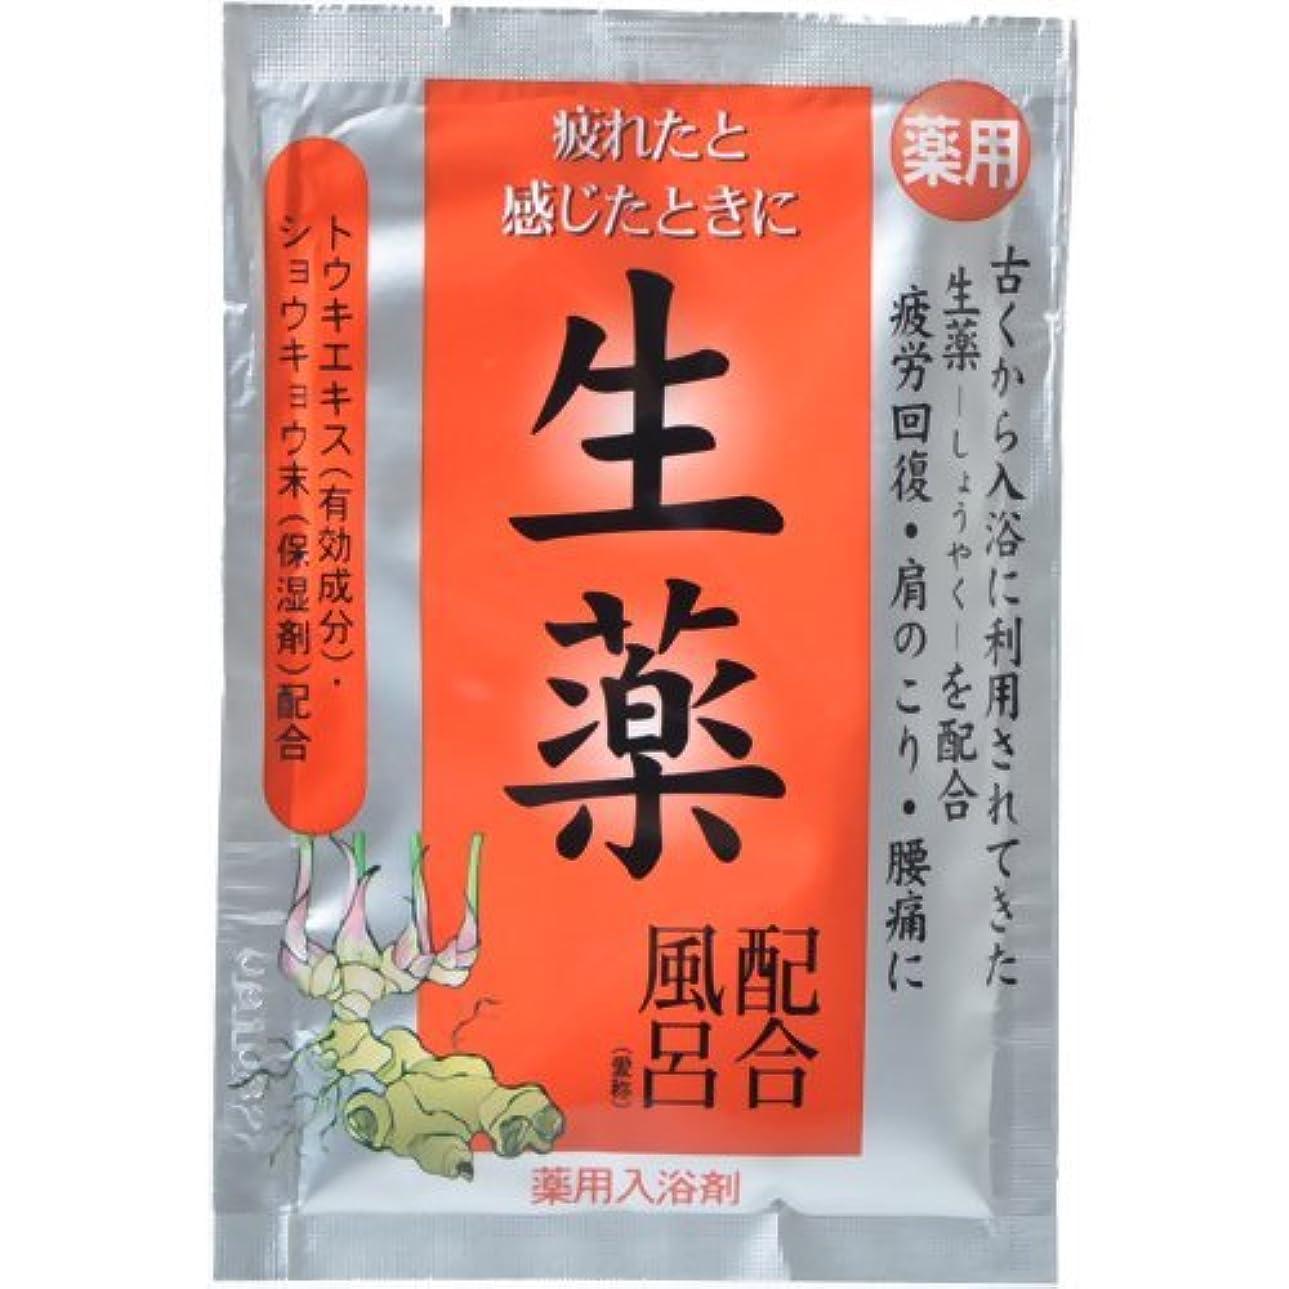 光沢車天井五州薬品 自然植物力 生薬配合風呂 25g入